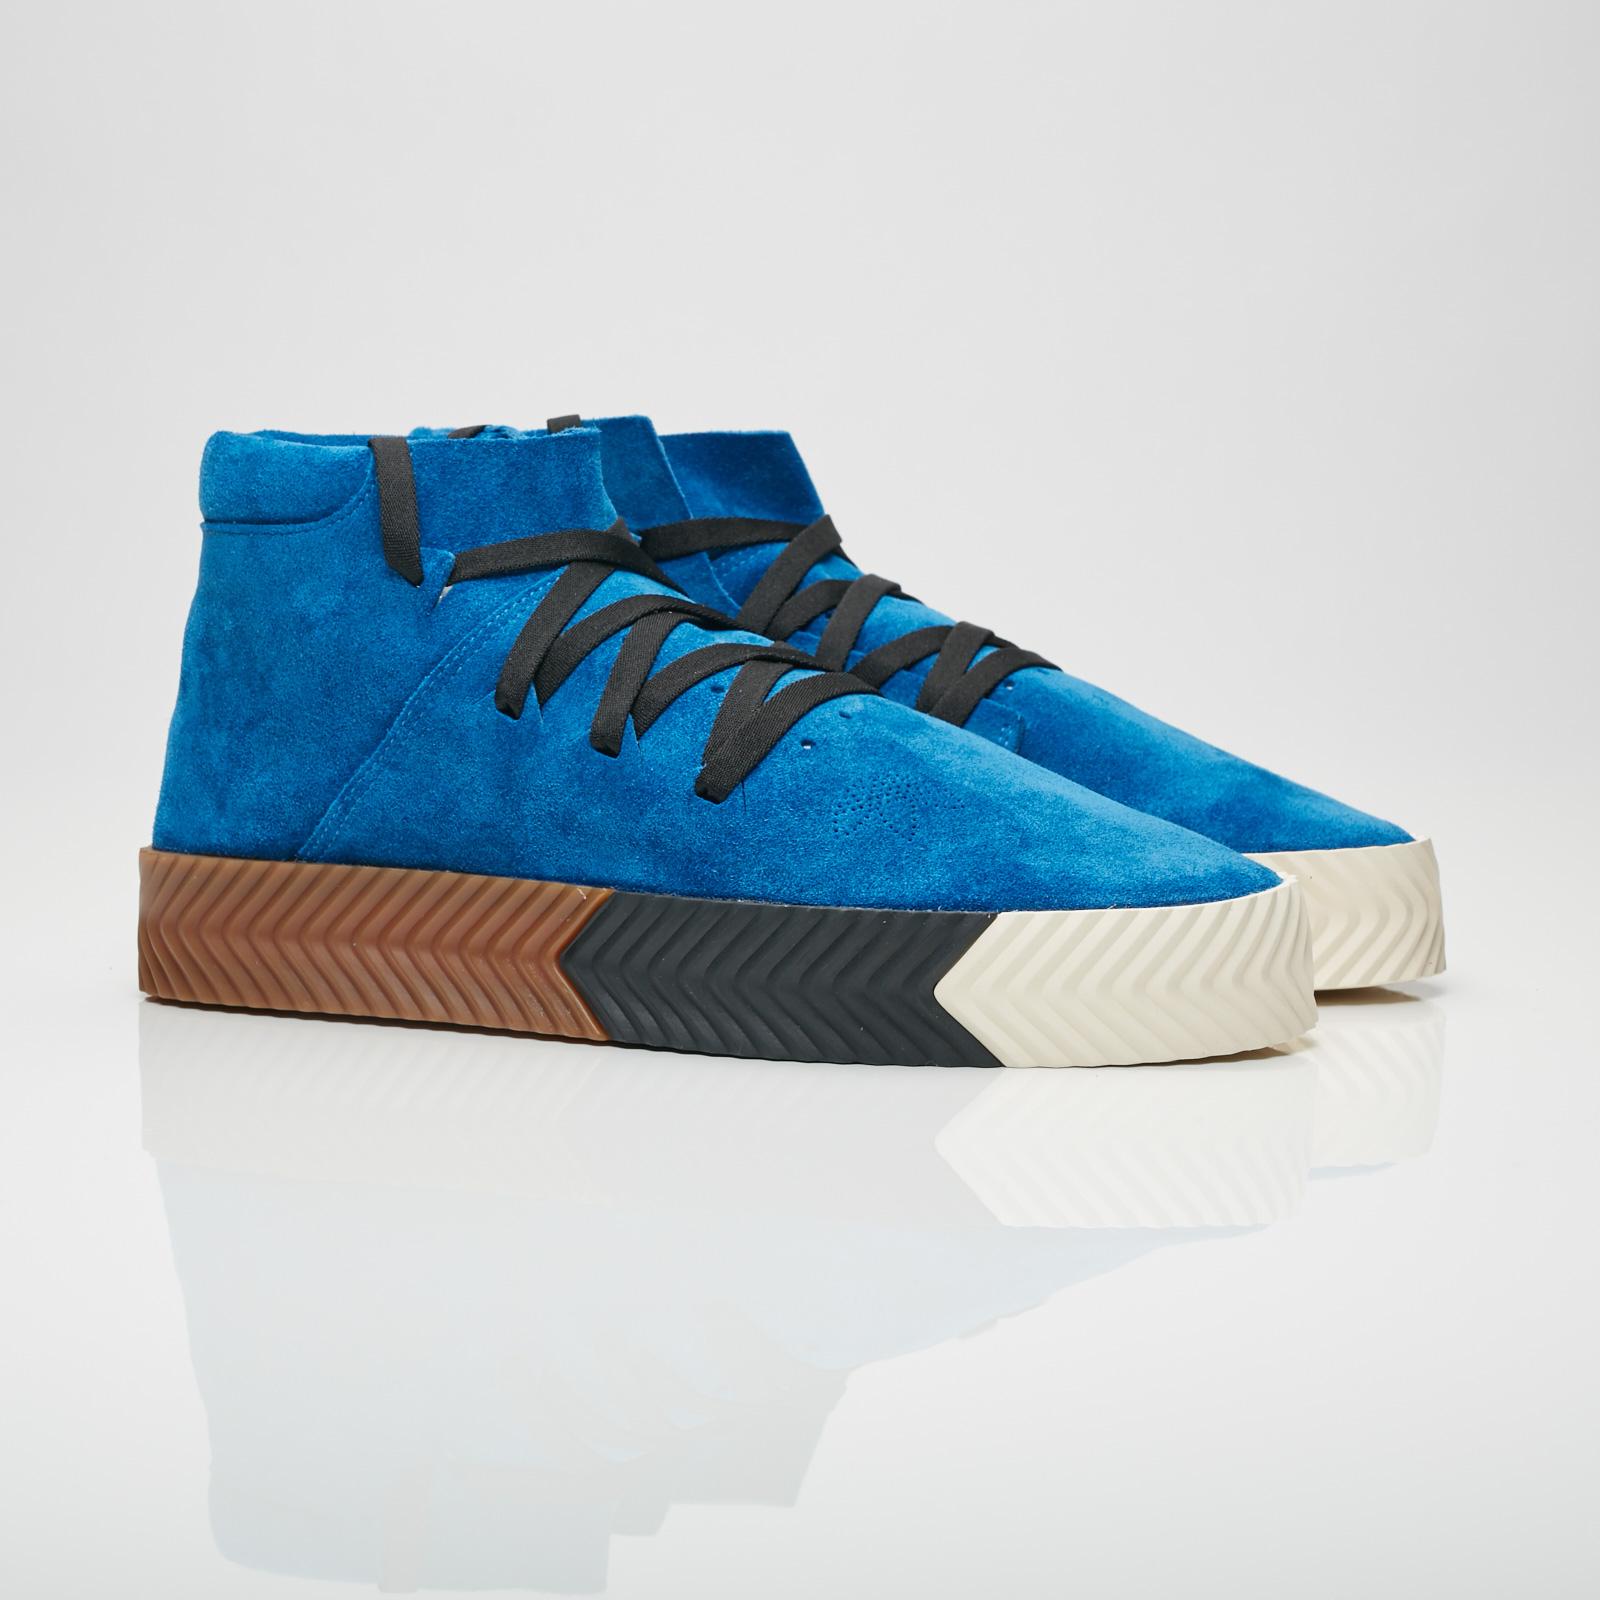 reputable site edc80 e9767 adidas Originals by Alexander Wang Skate Shoes